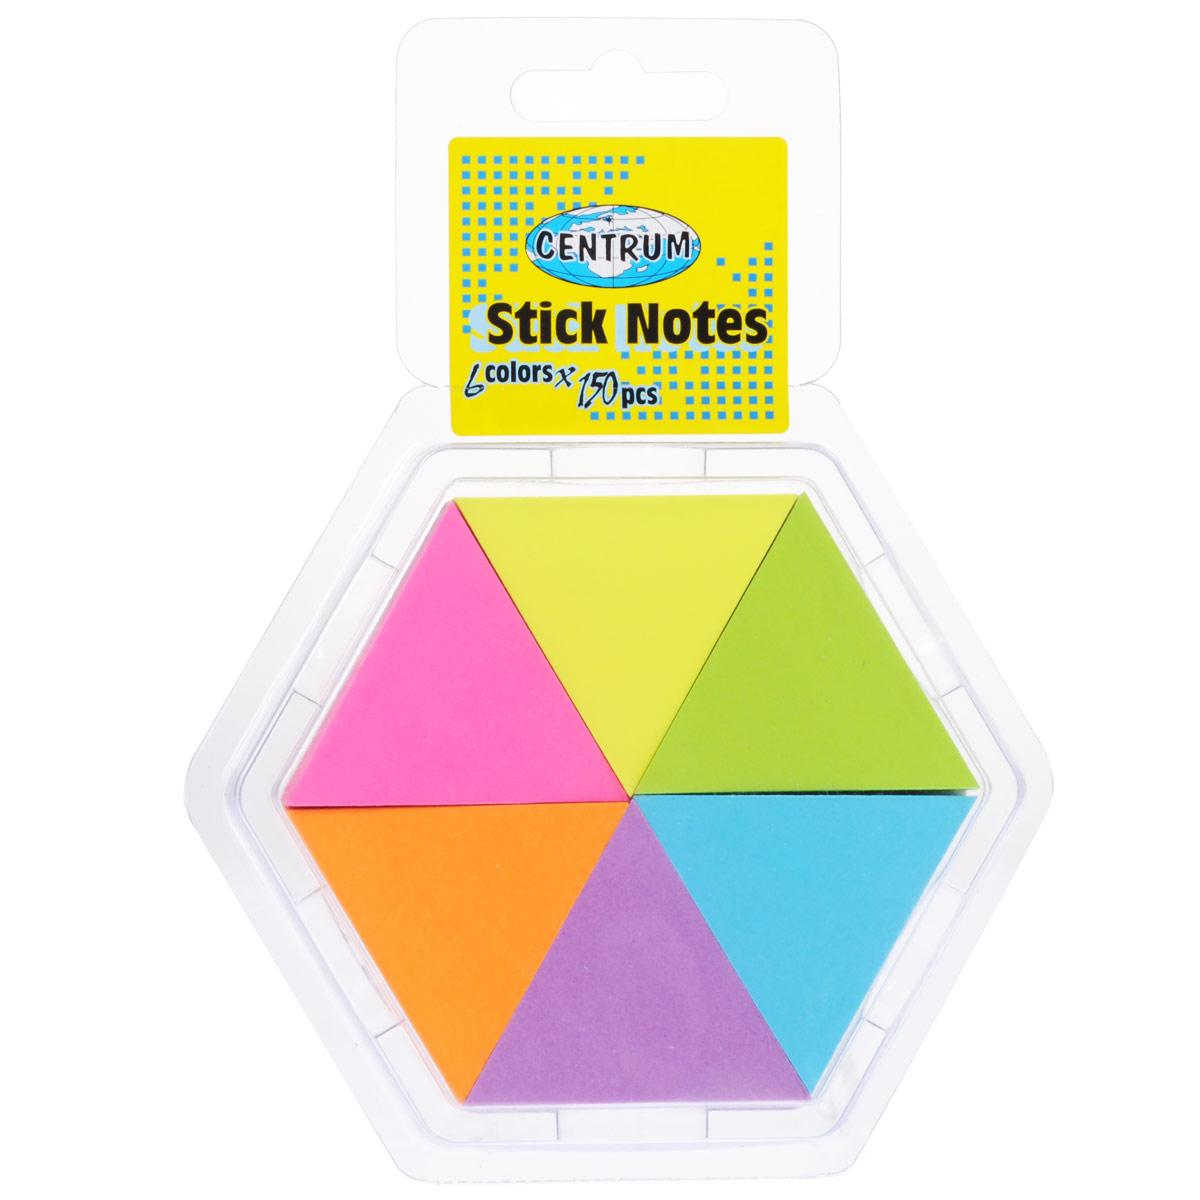 Набор блоков для записей Centrum, с липким слоем, 4,3 см х 5 см, 6 шт82883Цветная бумага из блоков Centrum идеально подойдет для важных пометок и записей. Яркие неоновые оттенки, высокое качество и оригинальный дизайн в форме треугольника выделяют предлагаемую бумагу из ряда подобных. Набор включает 6 блоков оранжевого, салатового, желтого, голубого, фиолетового и ярко-розового цветов. Каждый блок состоит из 150 листочков с липким слоем.